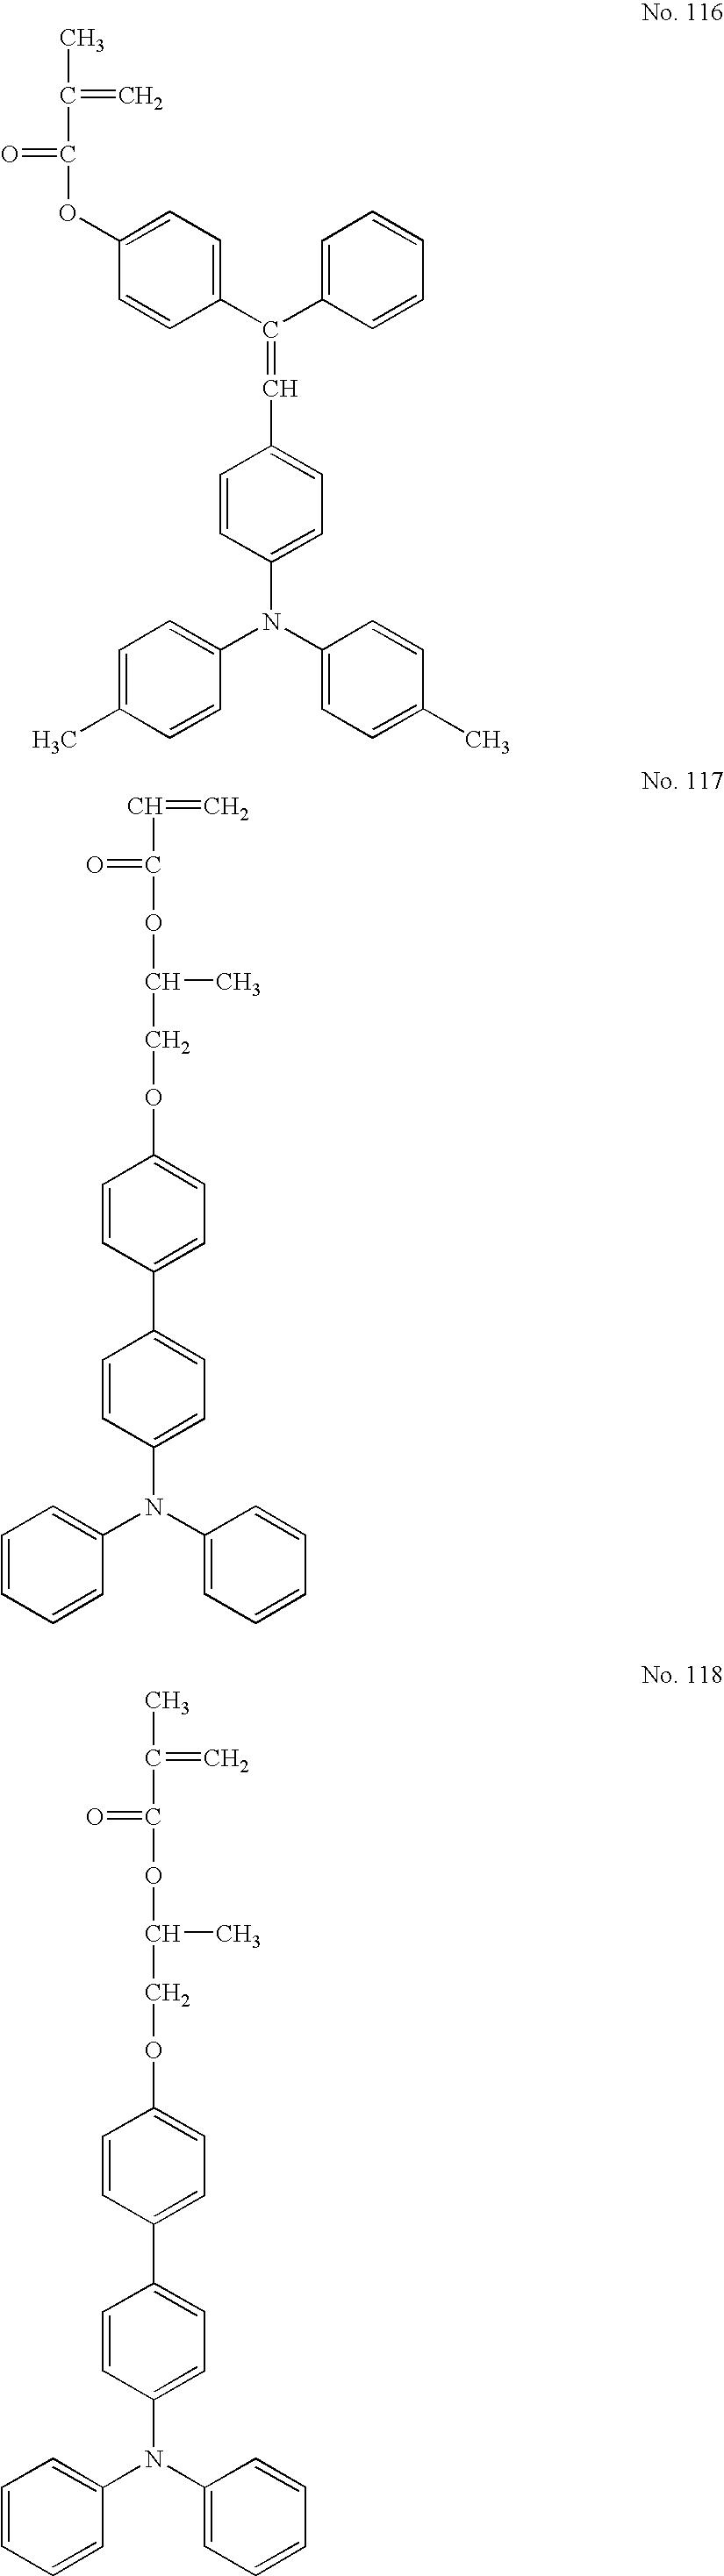 Figure US07824830-20101102-C00056